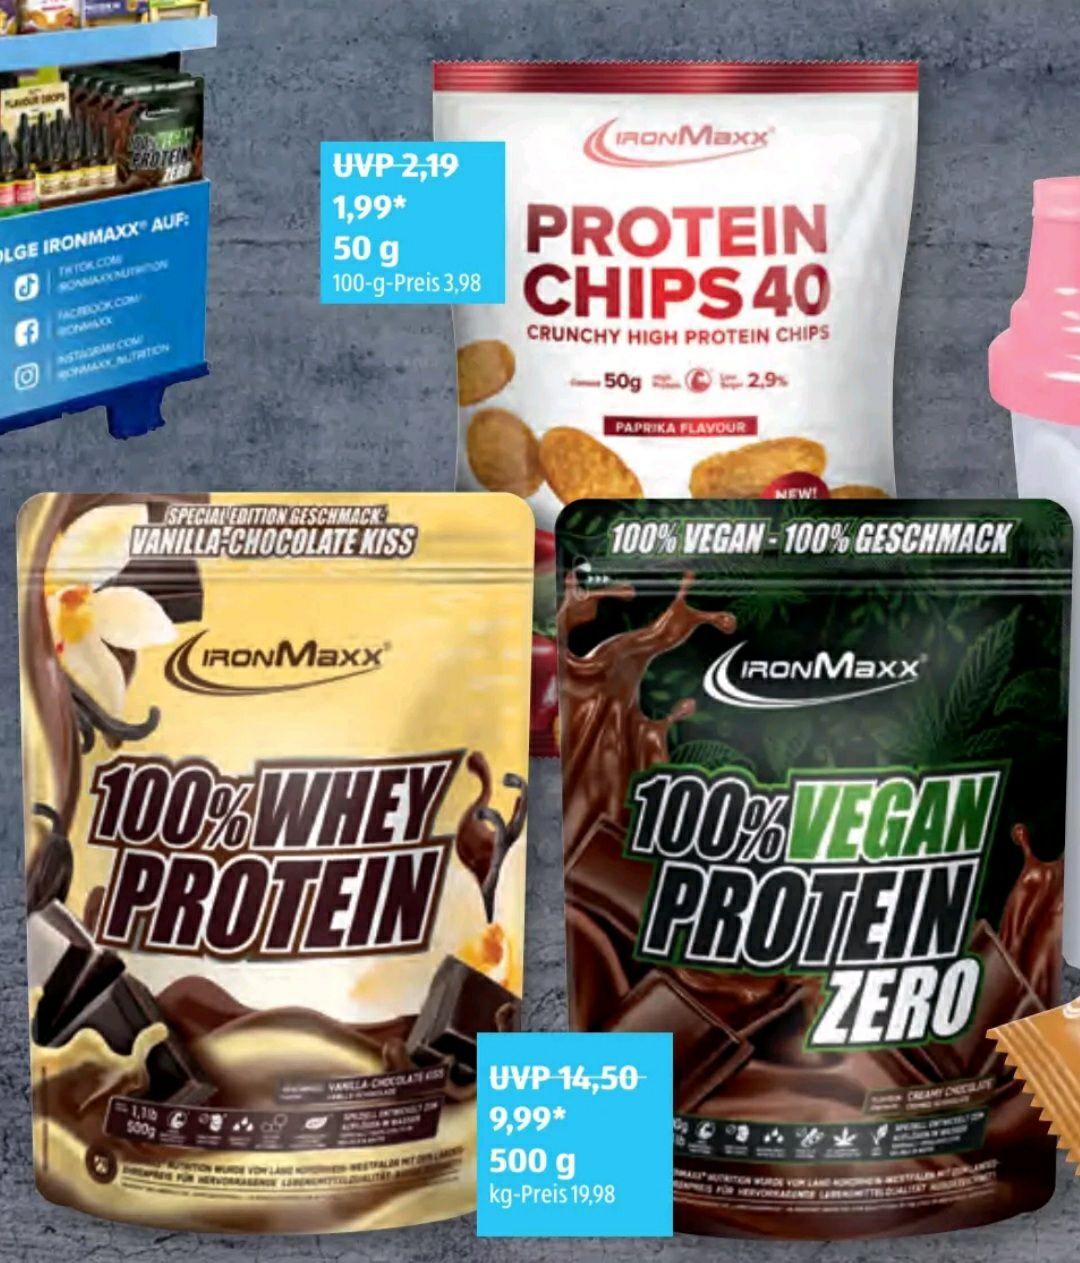 [Aldi Süd] IronMaxx Sammeldeal z.B. 100% Whey Protein 500g für 9.99€ statt für 11.80€